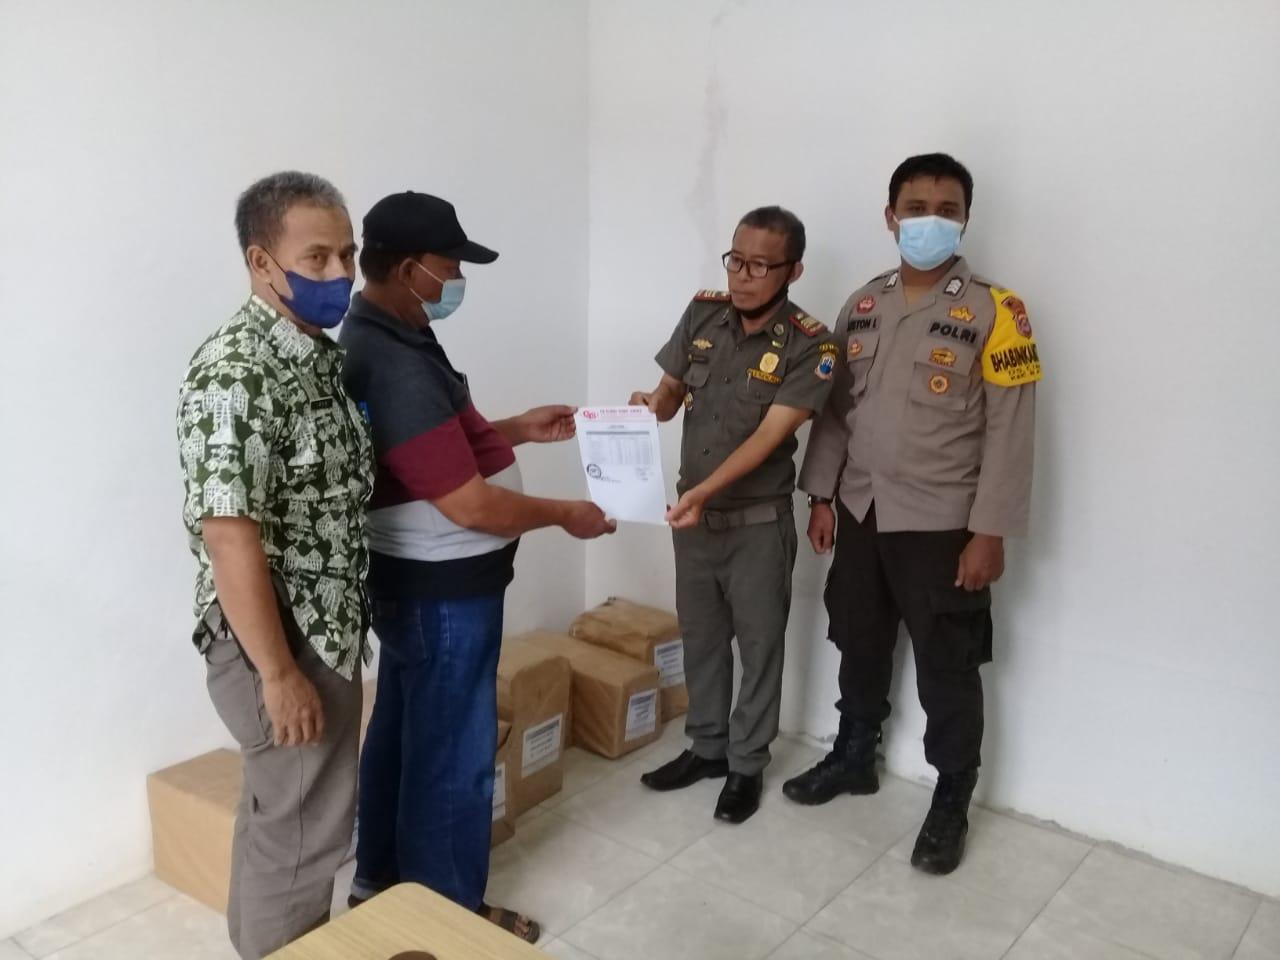 Personil Polsek Bayah Polres Lebak monitoring dan lakukan pengamanan kedatangan pendistibusian logistik surat suara